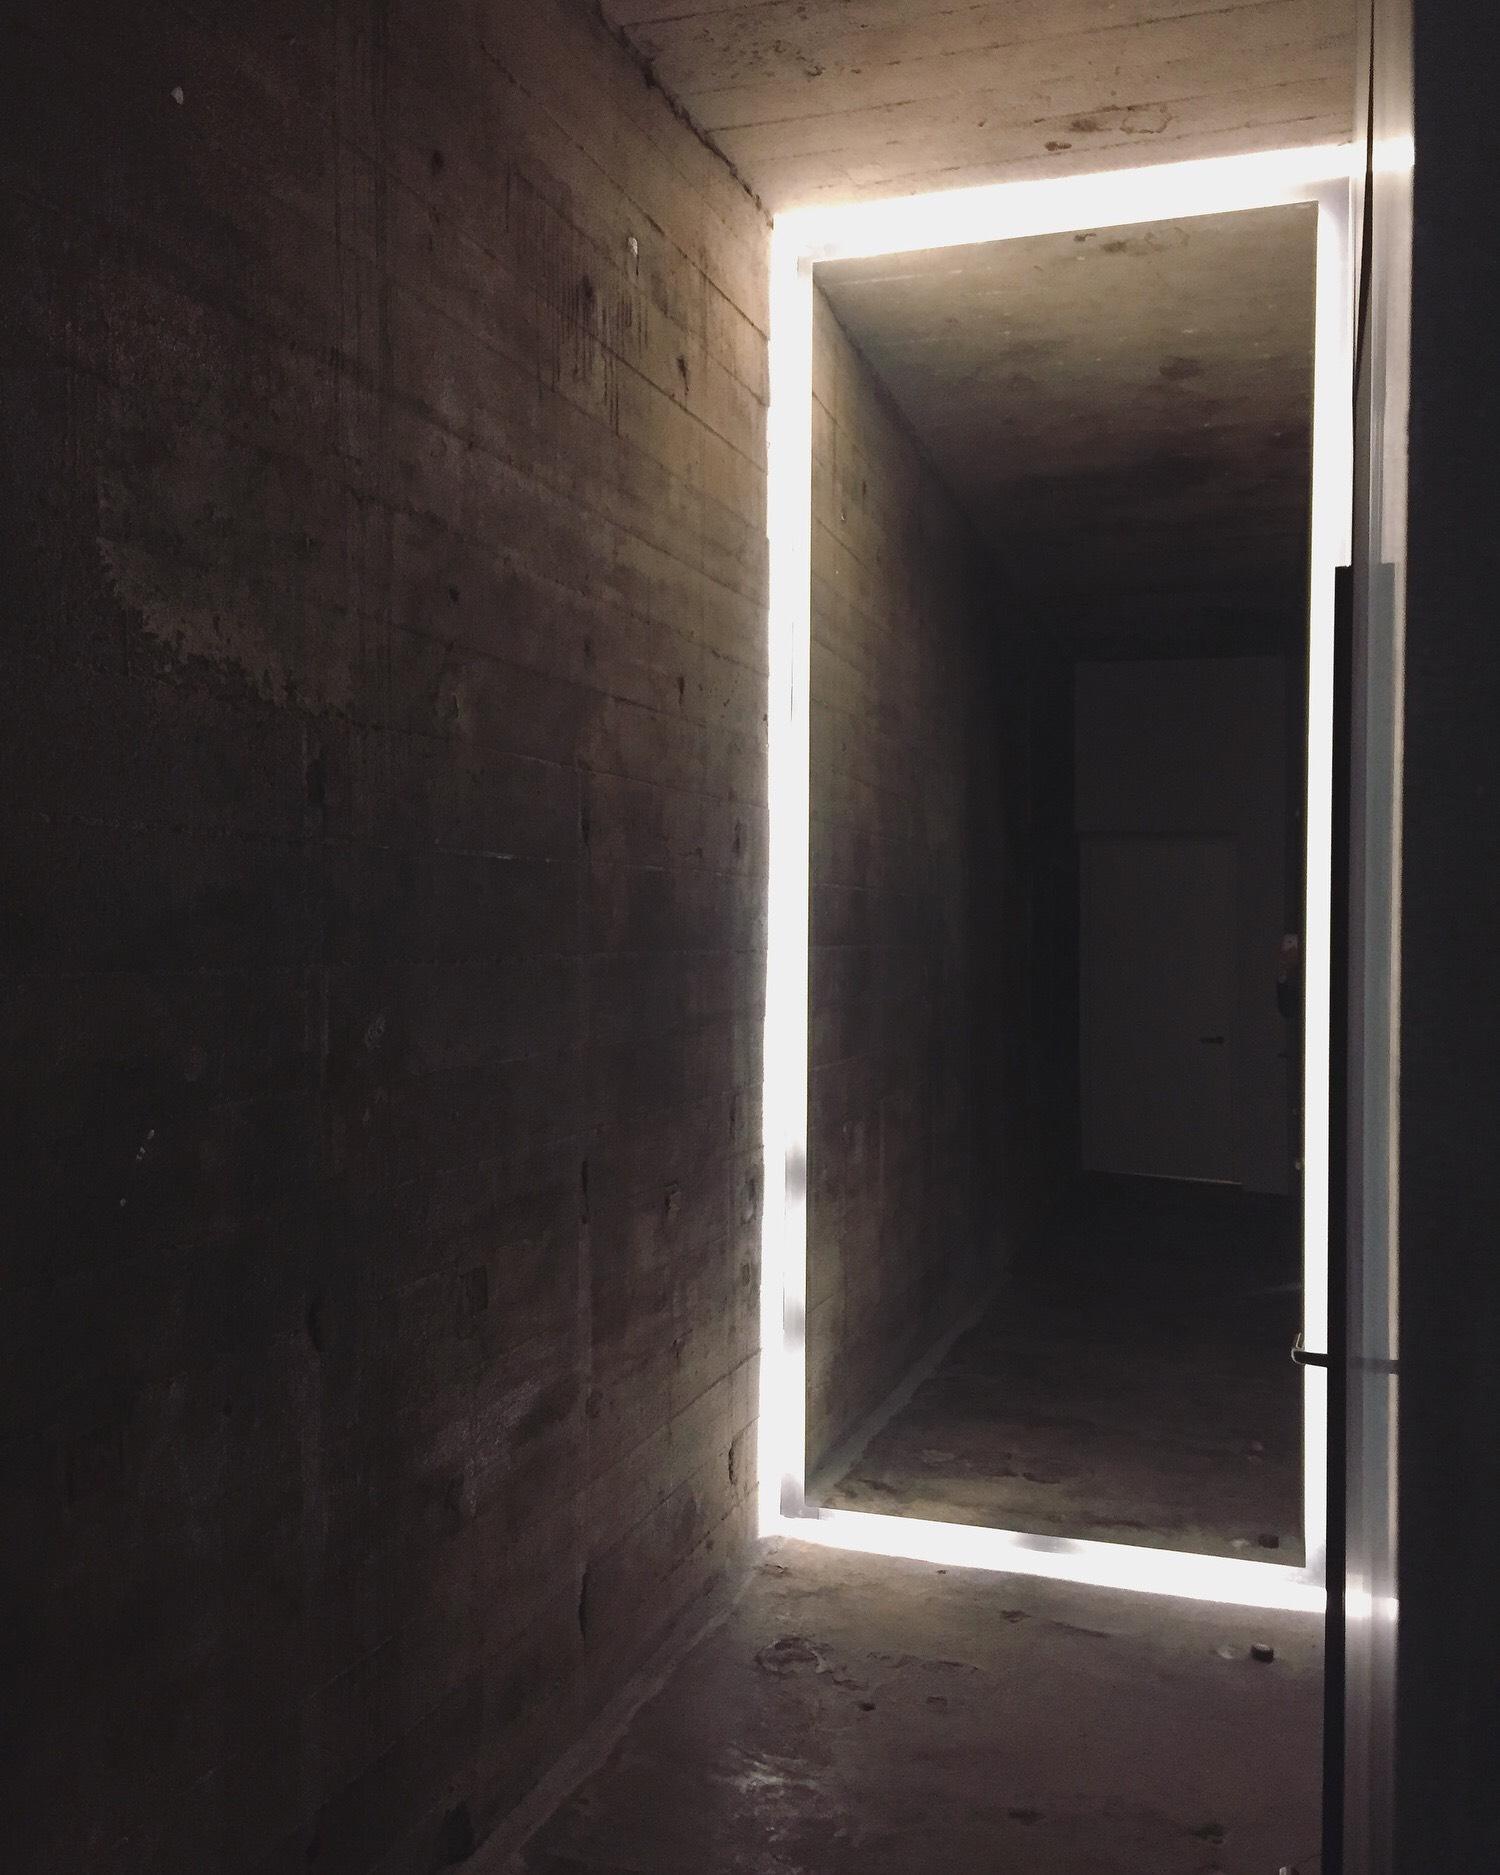 Vi følte oss nesten som hjemme på toalettet til The Feuerle Collection